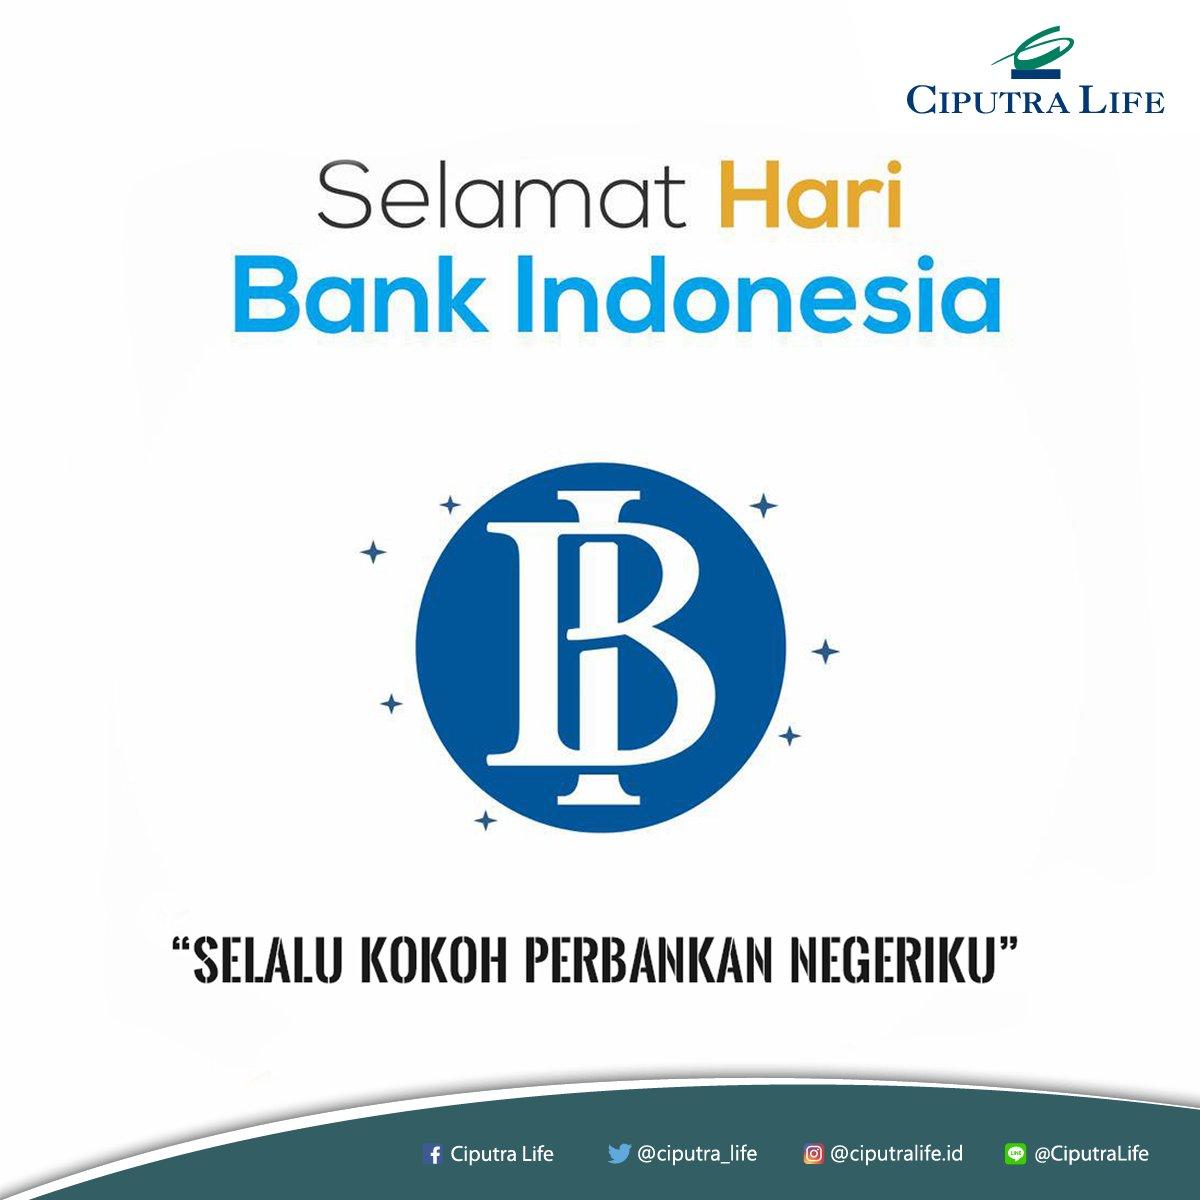 Selamat Hari Bank Indonesia! Selalu kokoh perbankan Negeriku. Cc : @bank_indonesia #Asuransi #CiputraLife #HariBank #HariBankIndonesia #BuildBetterFuture